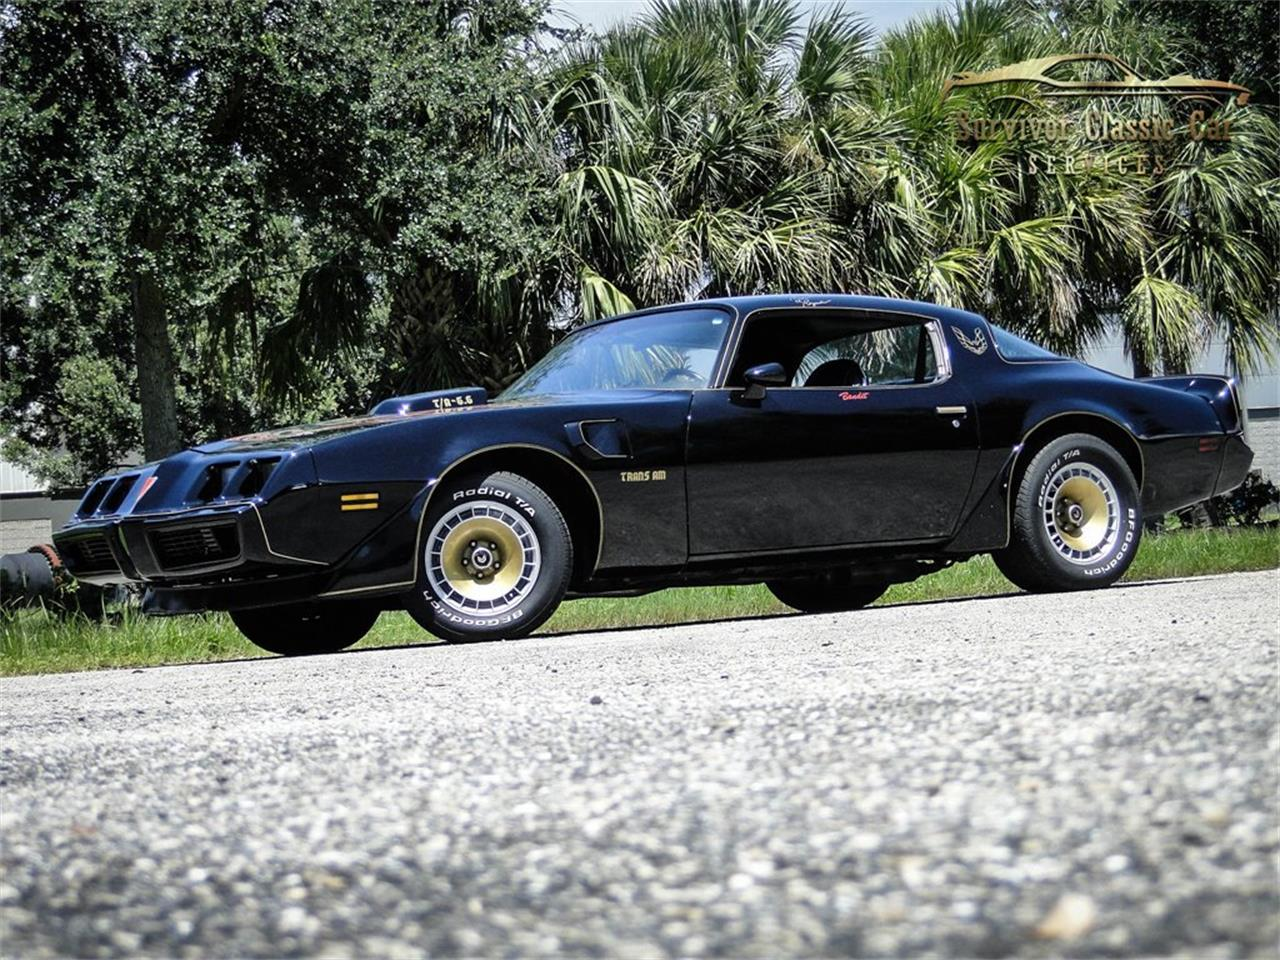 Pontiac Firebird Trans Am V8 turbo 350 1979 prix tout compris 1979